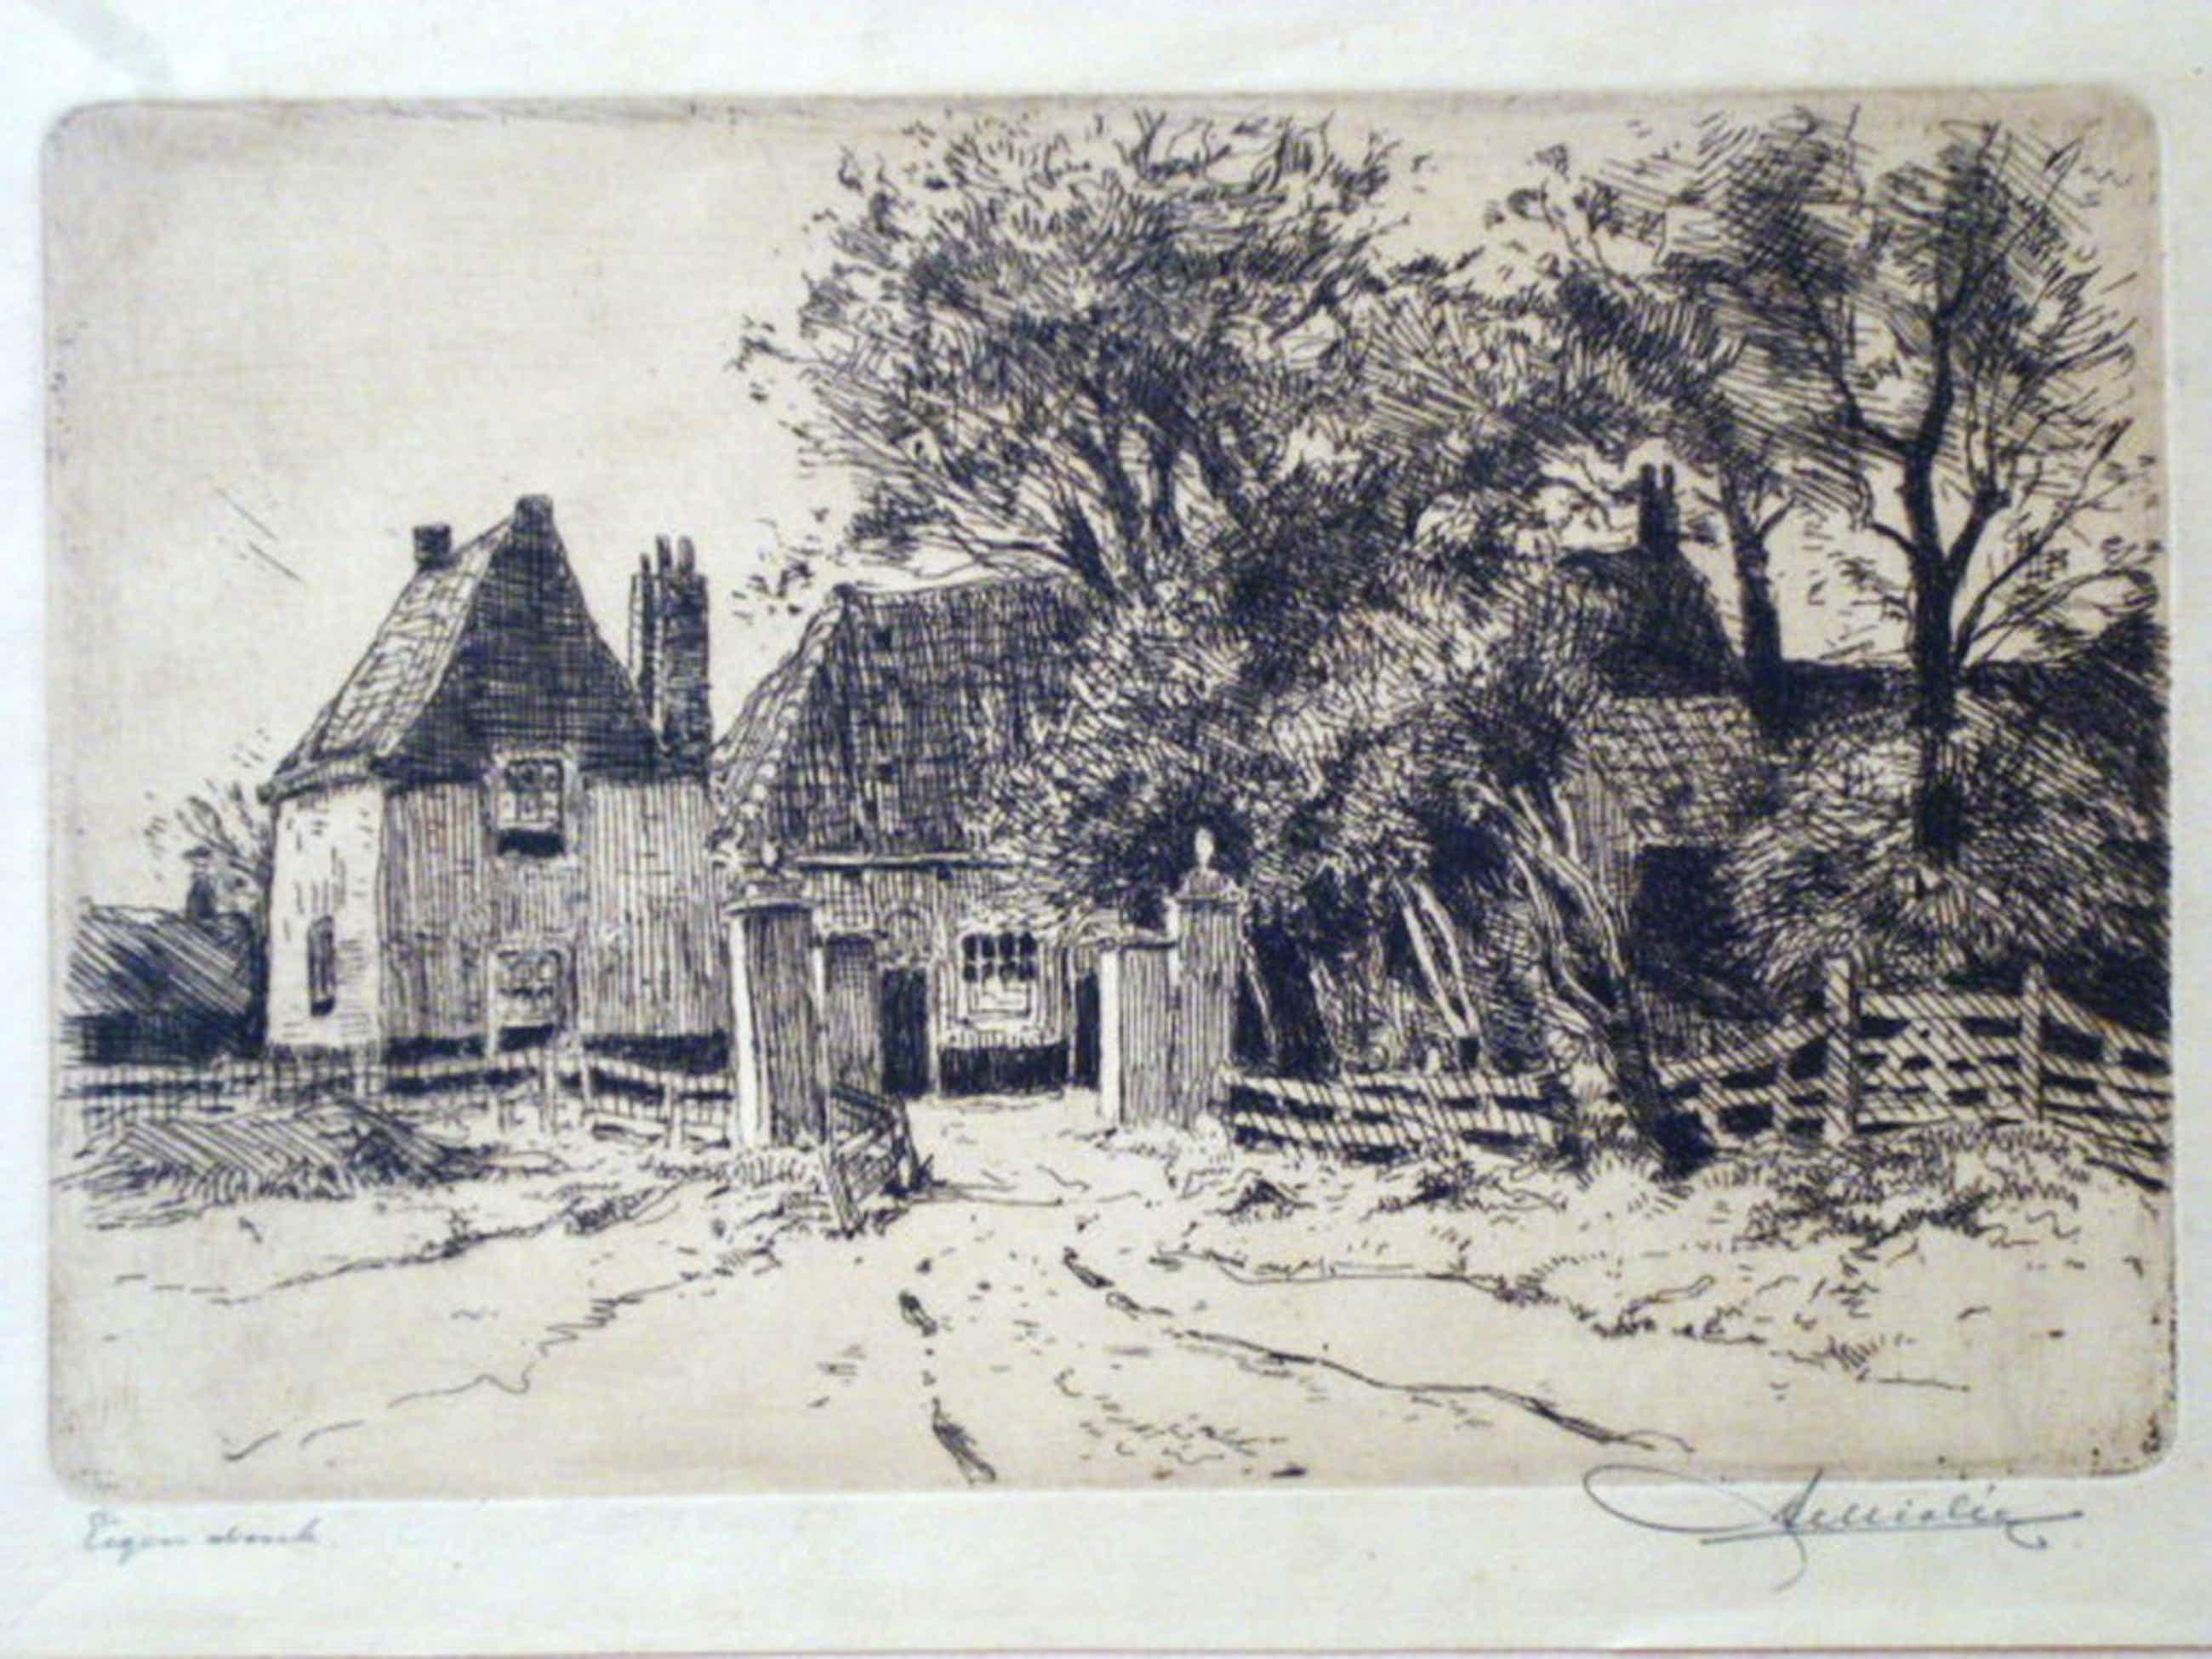 A.Miolée - ets - Hofstede Rustenburgh (het voormalige Dekkersduin) kopen? Bied vanaf 40!